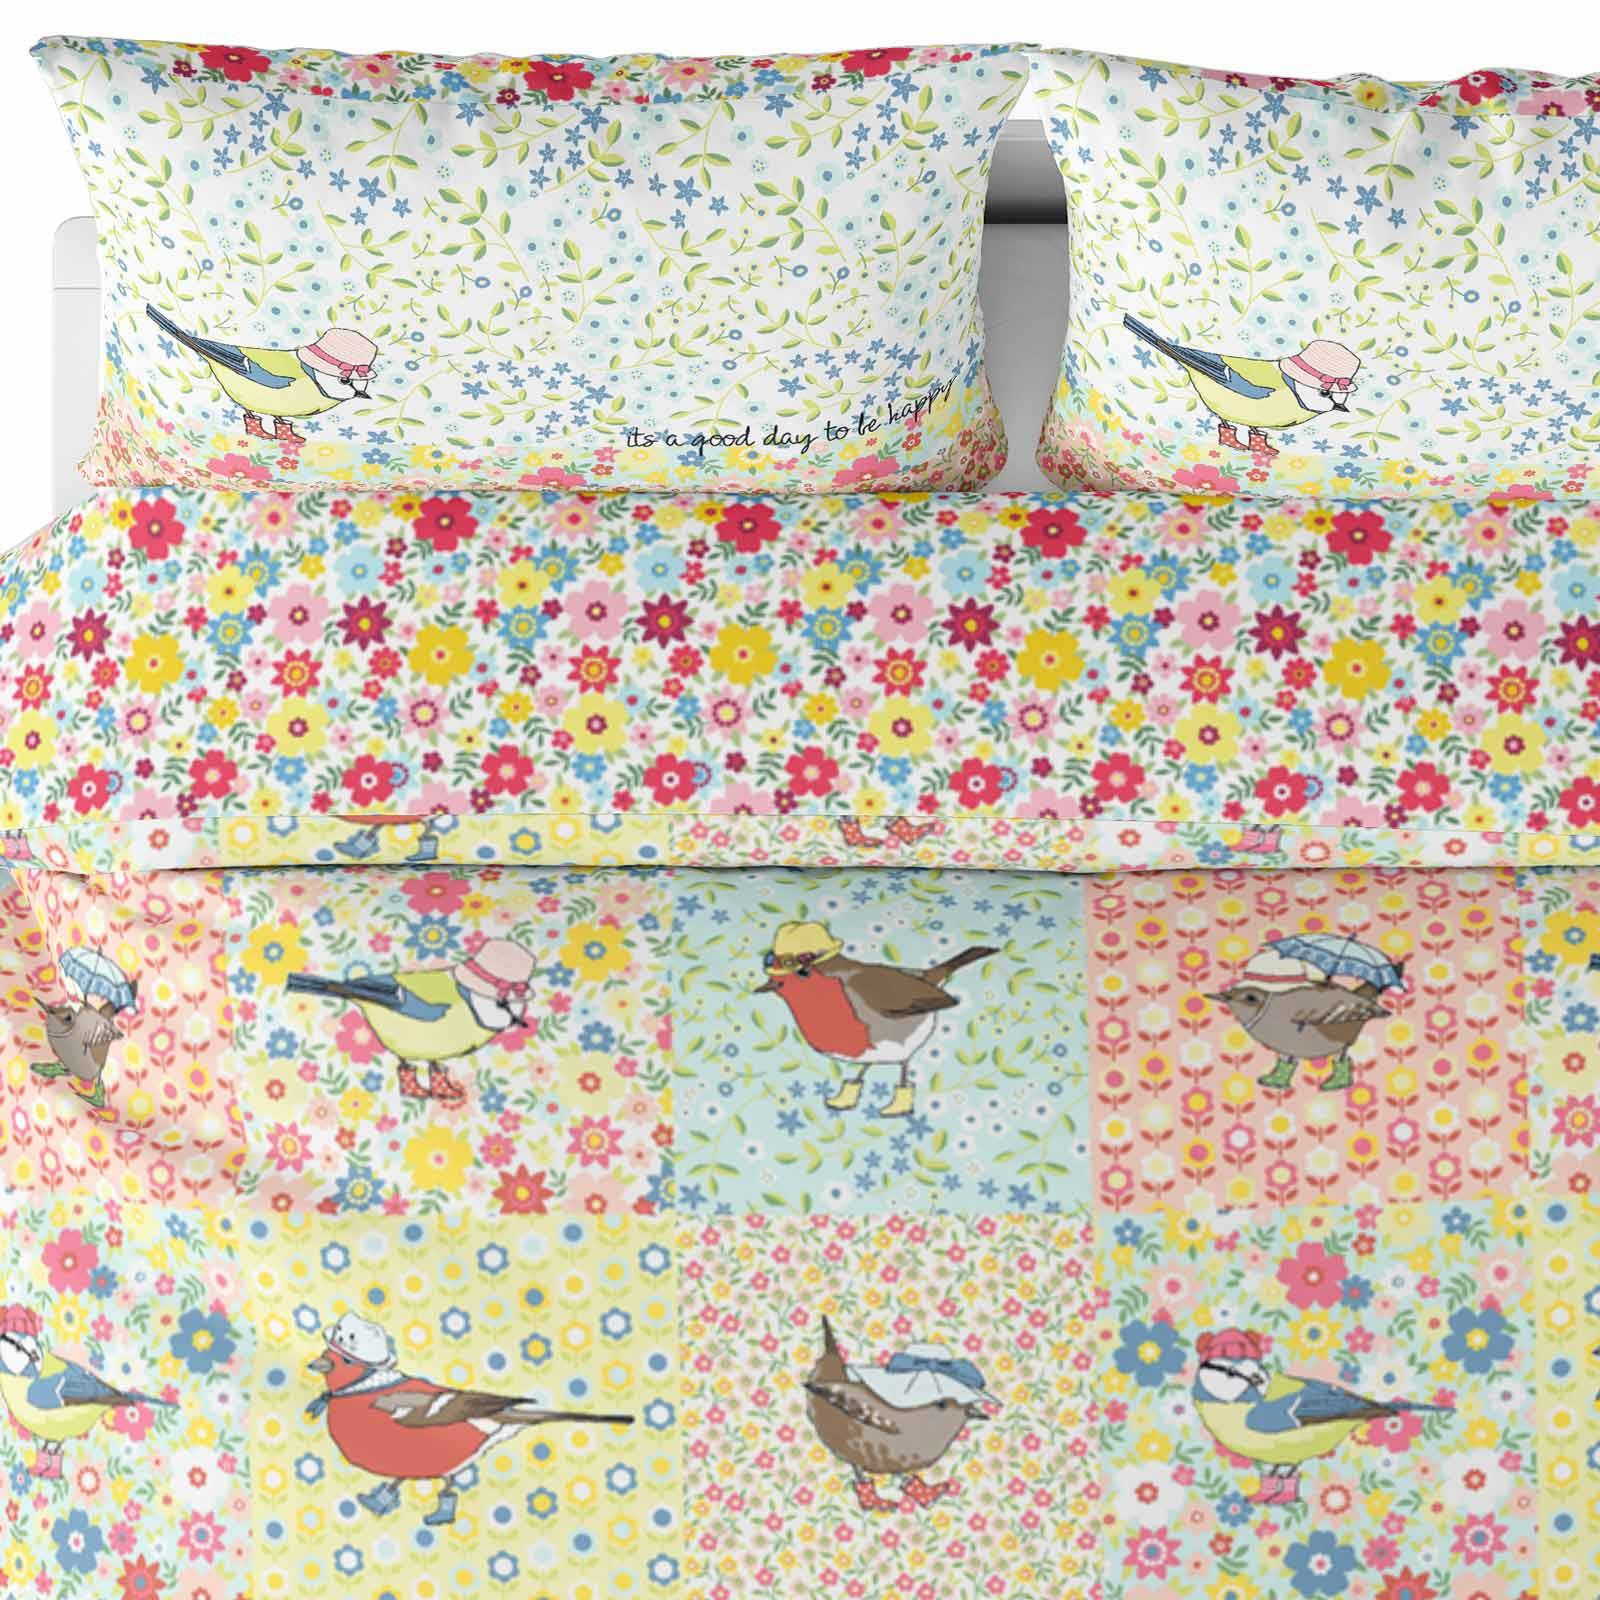 Floral Housses De Couette Birdy Patchwork multi réversible avec Housse de couette Ensembles De Literie